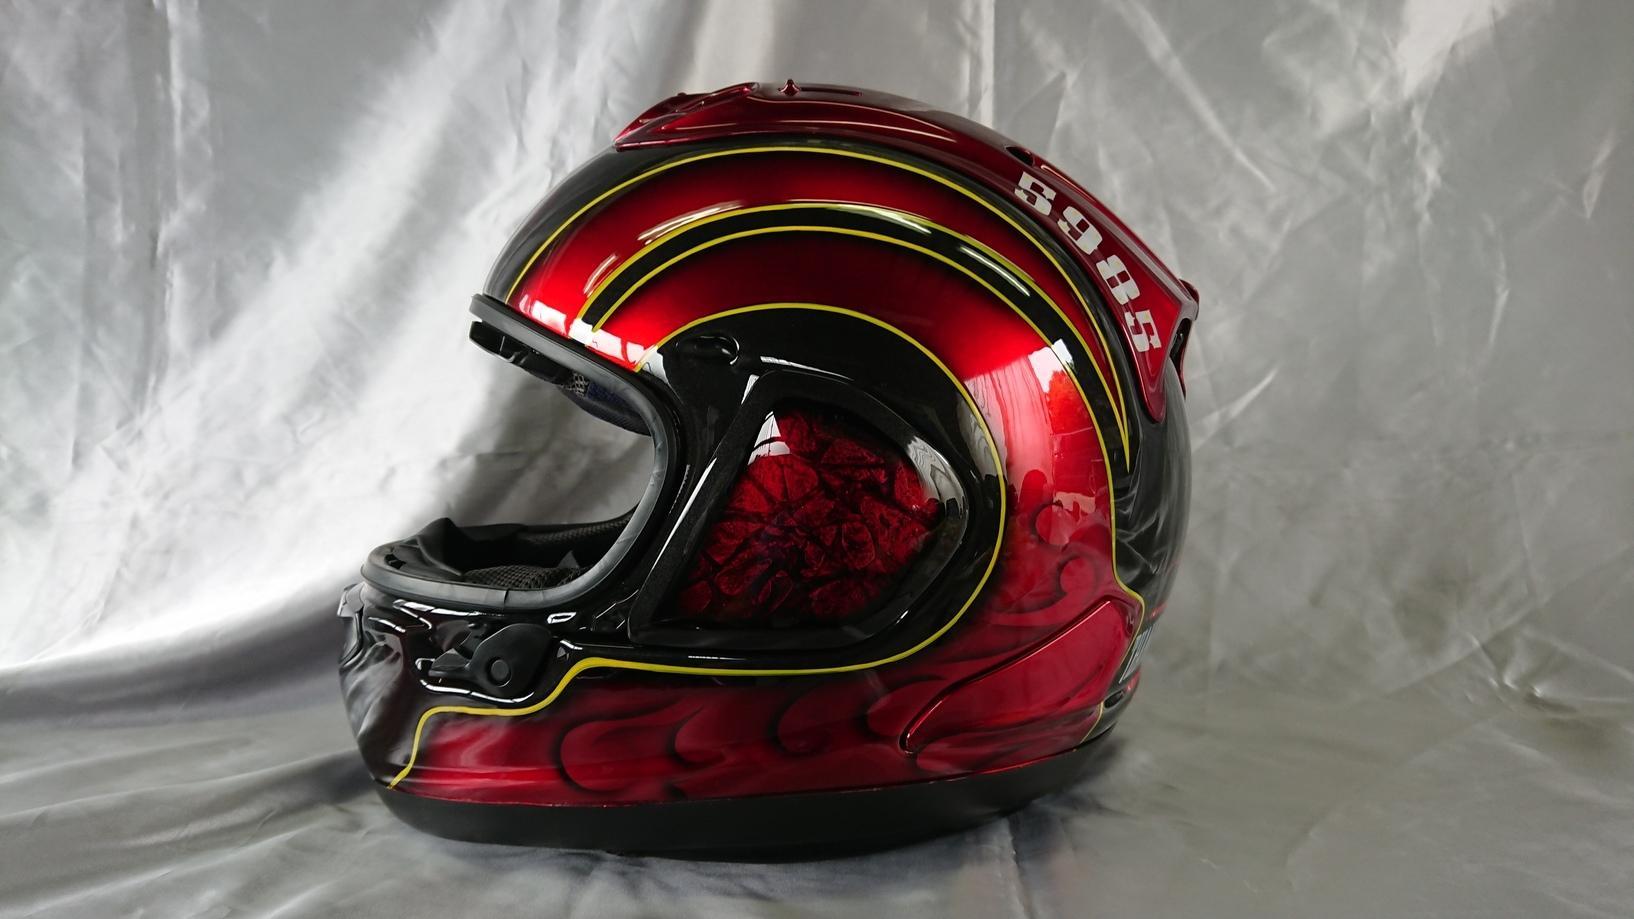 ヘルメットペイント_e0269313_19220216.jpg